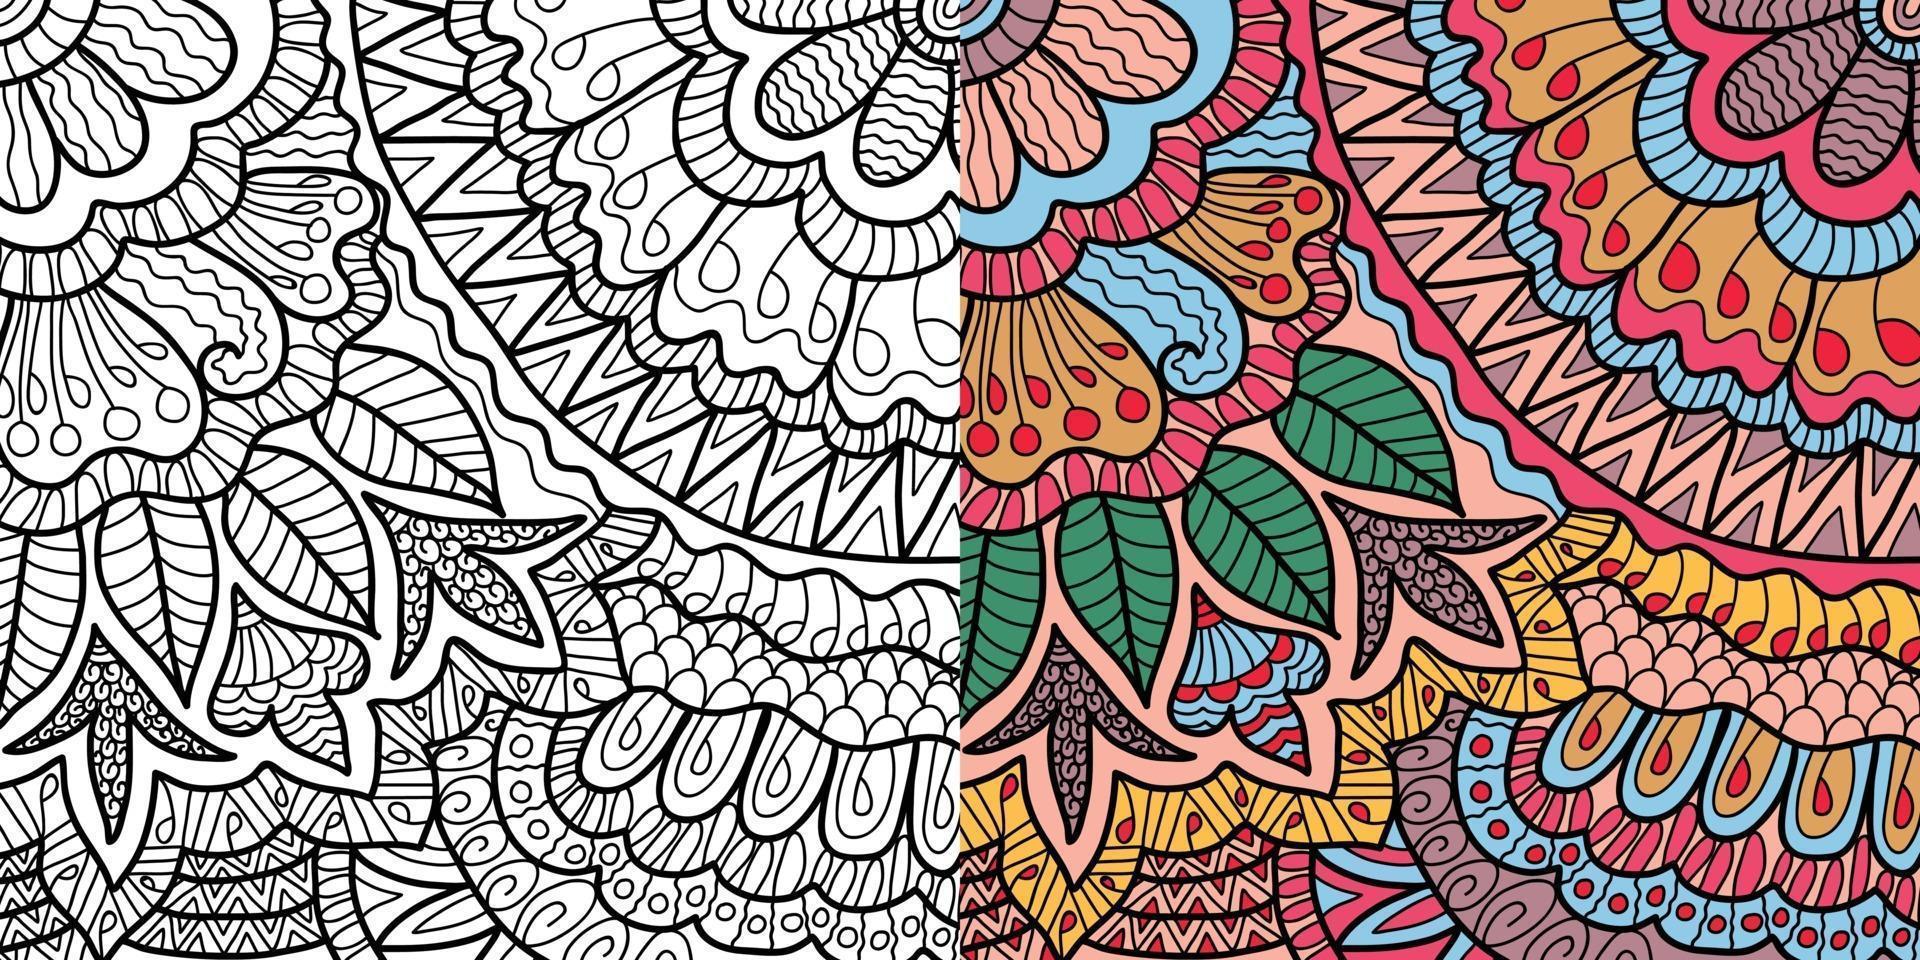 doodle floral decorativo de henna style página de livro para colorir para adultos e crianças. vetor